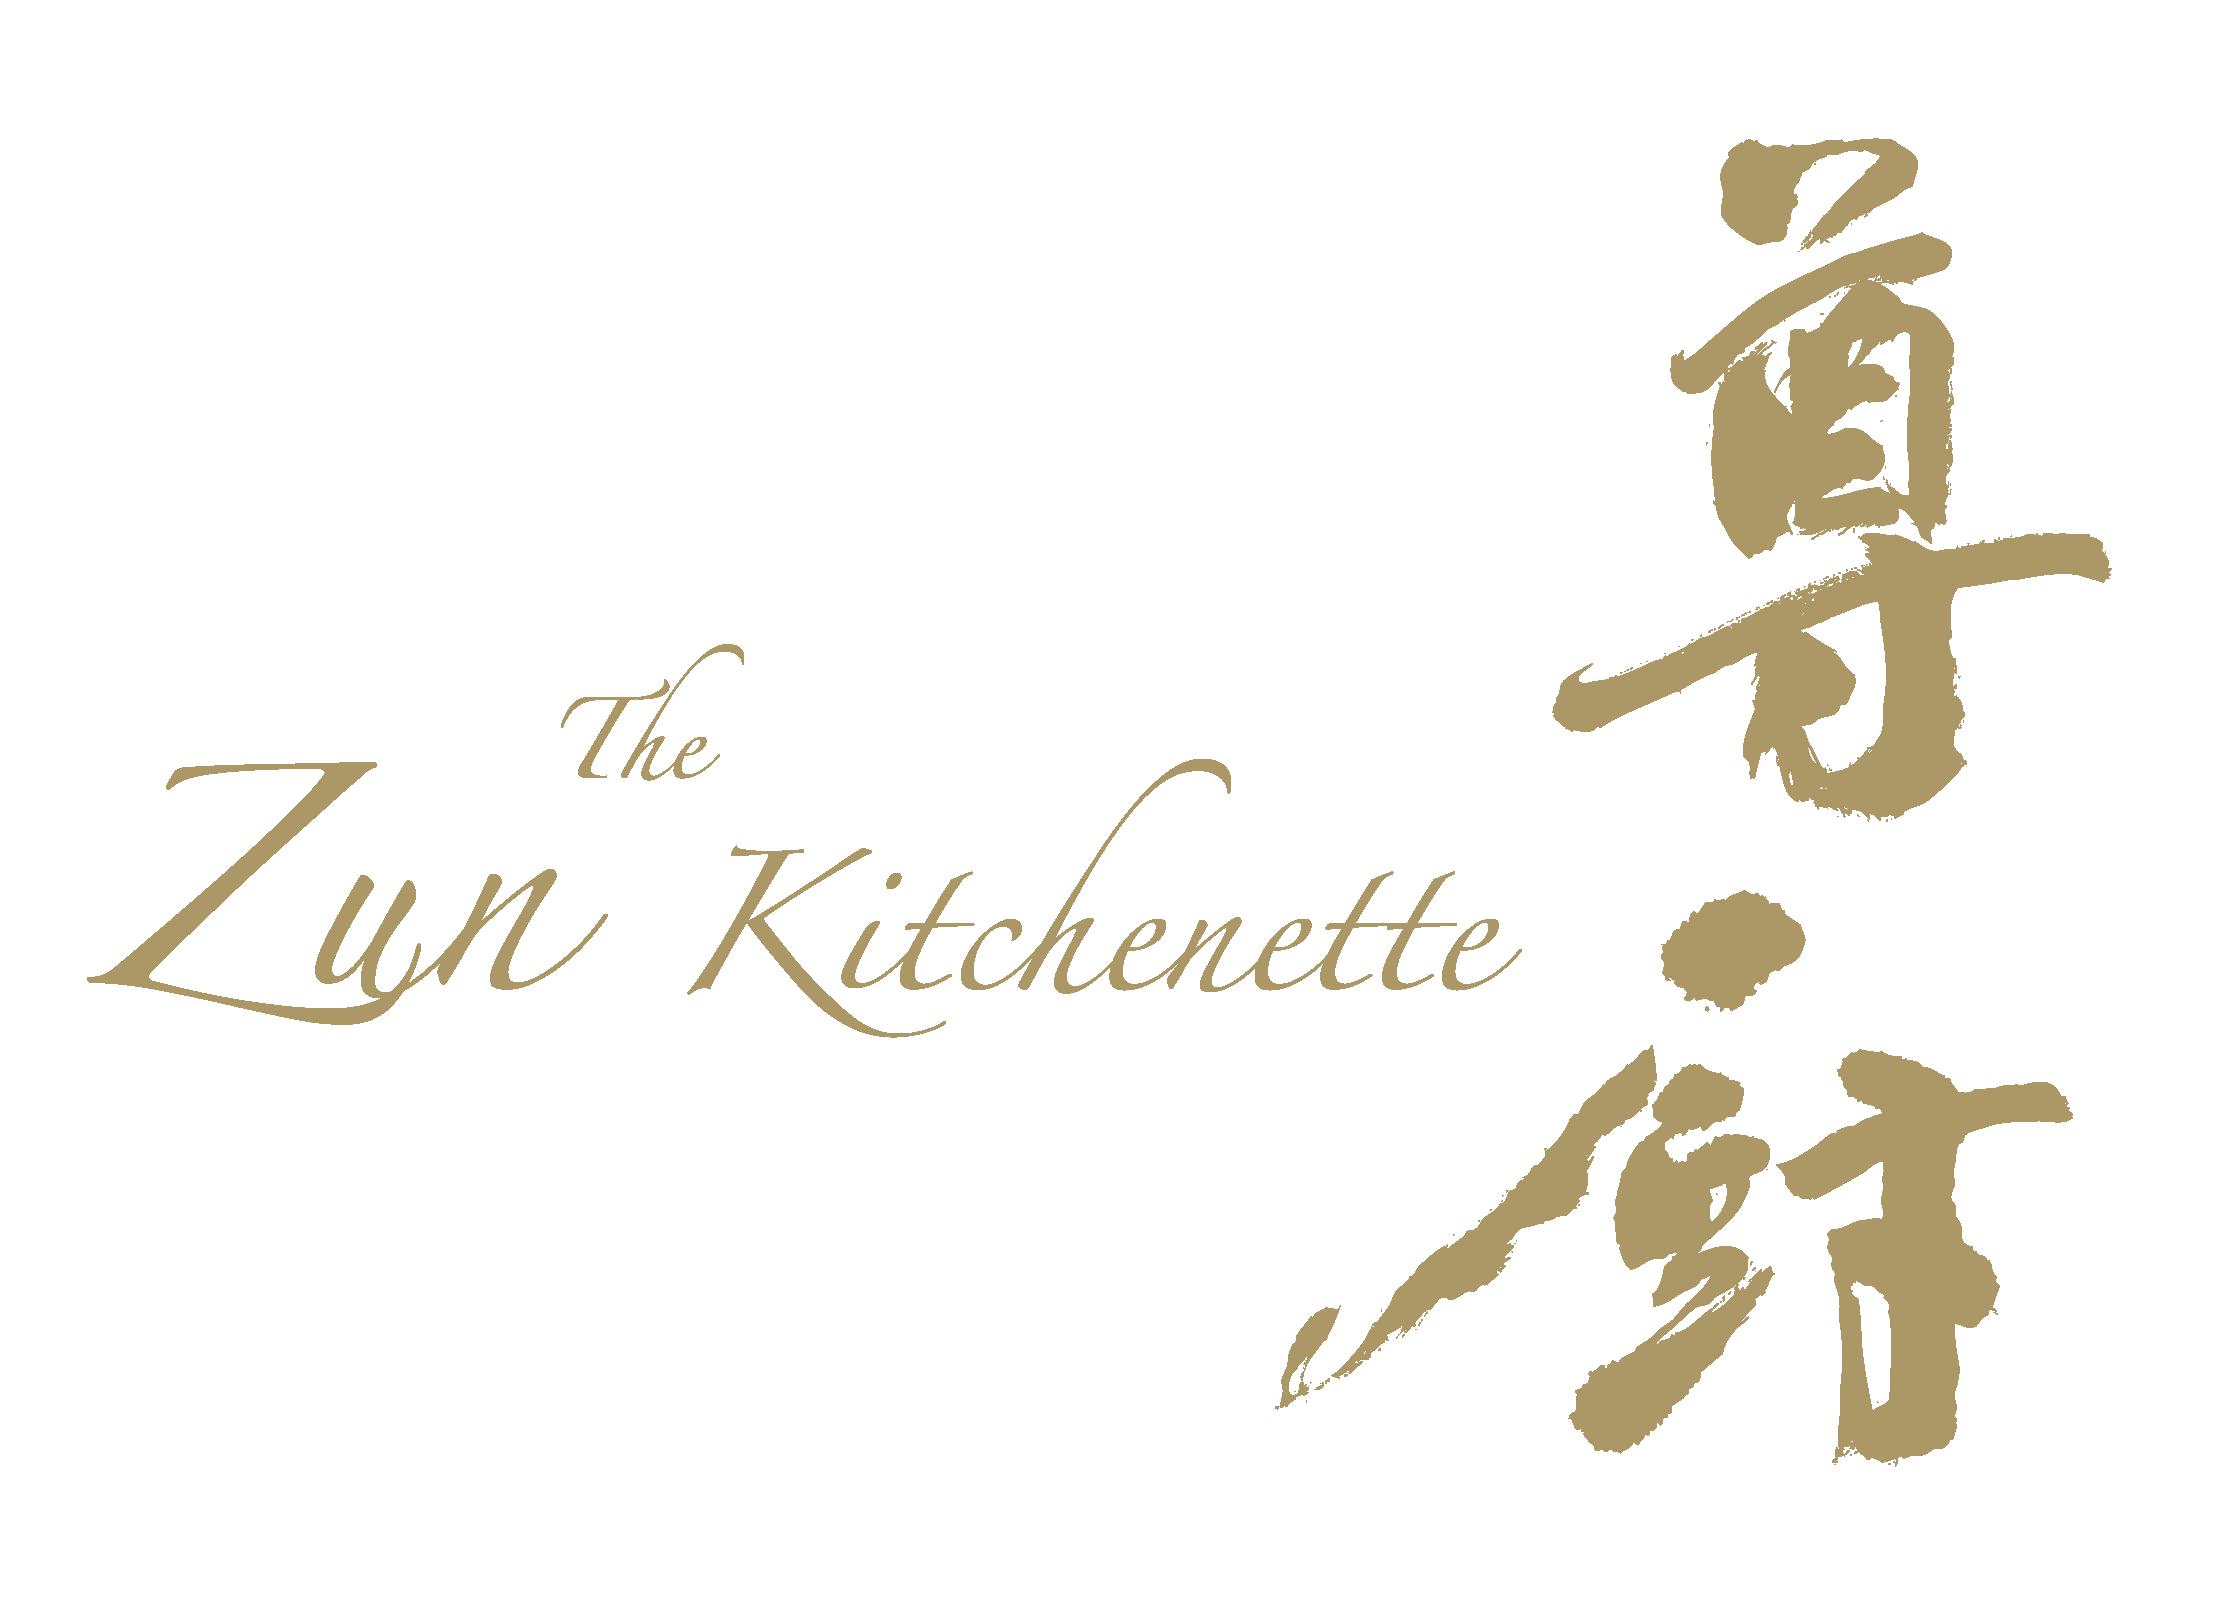 ZunKitchenette